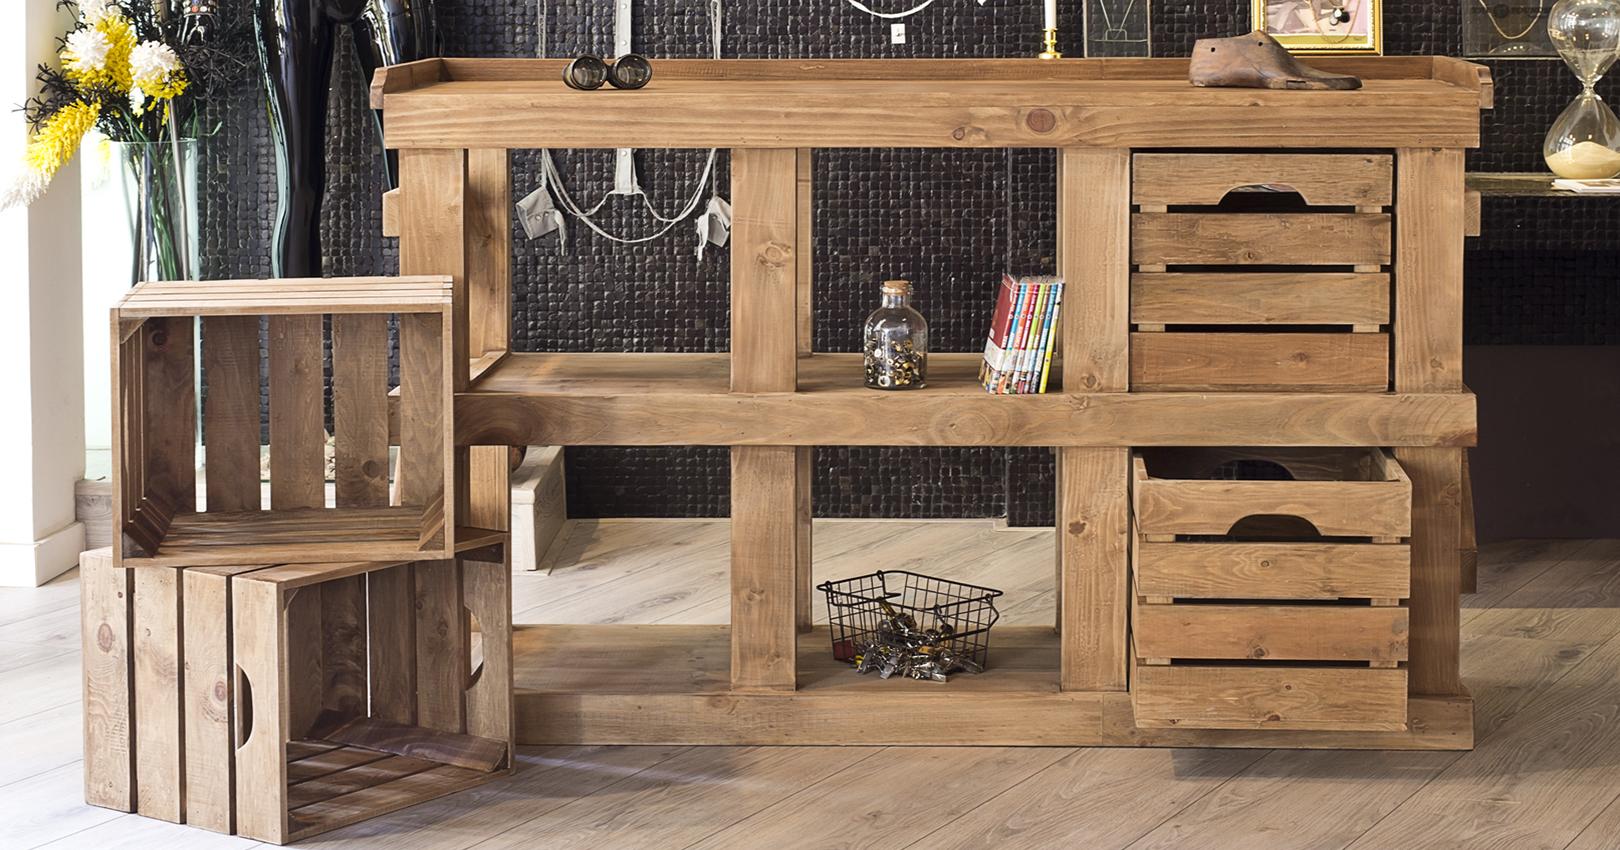 F brica y venta de muebles vintage for Muebles vintage com